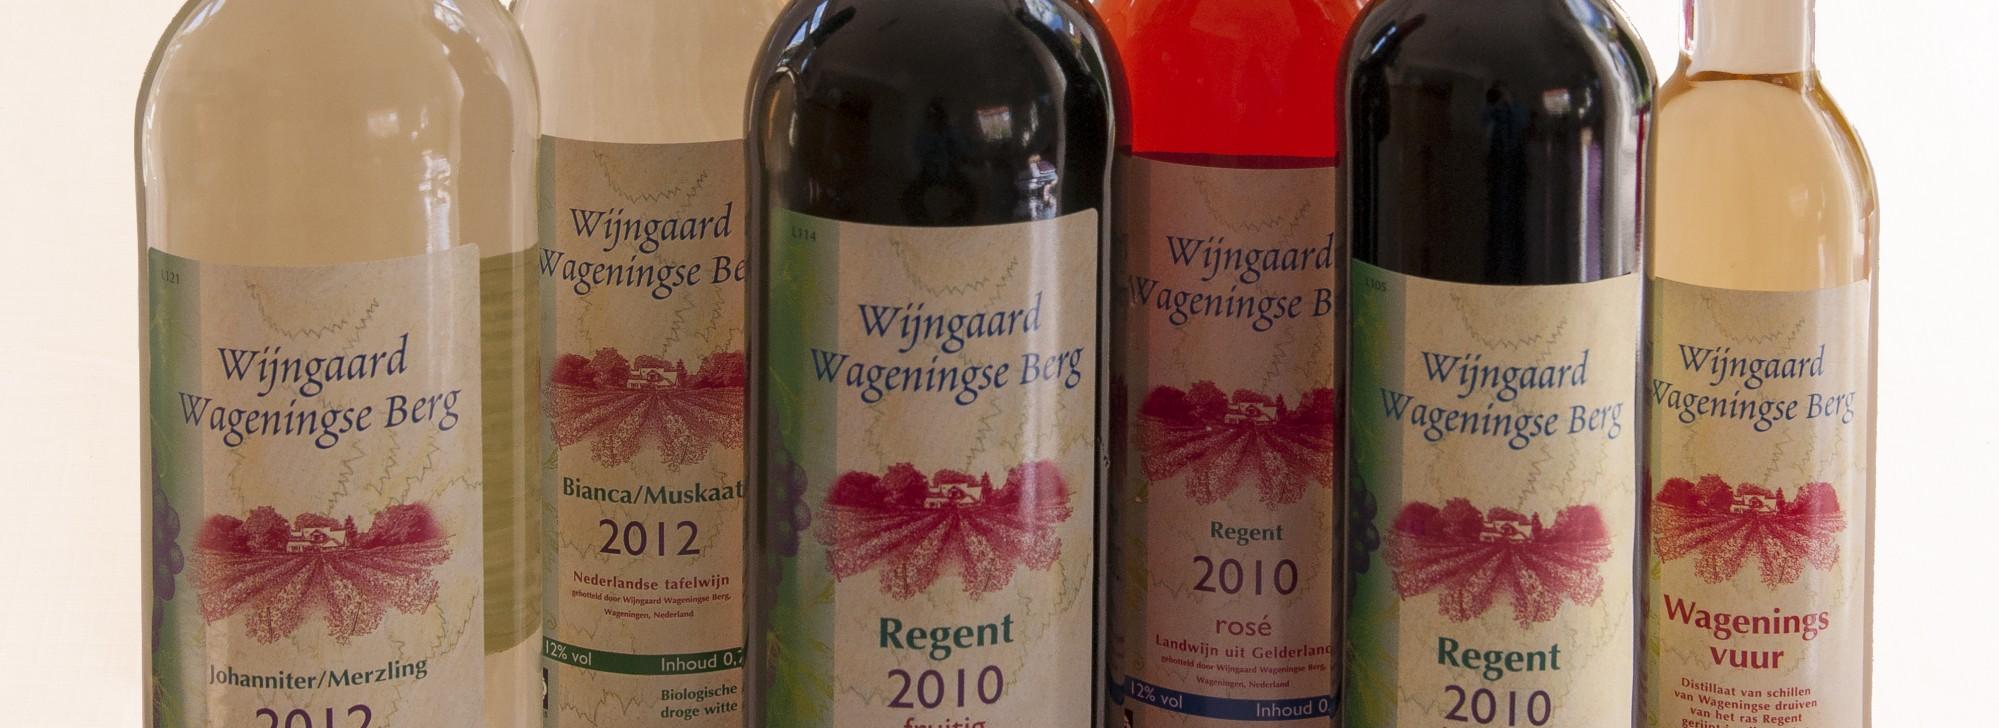 Wijnbouwadvies Oude Voshaar